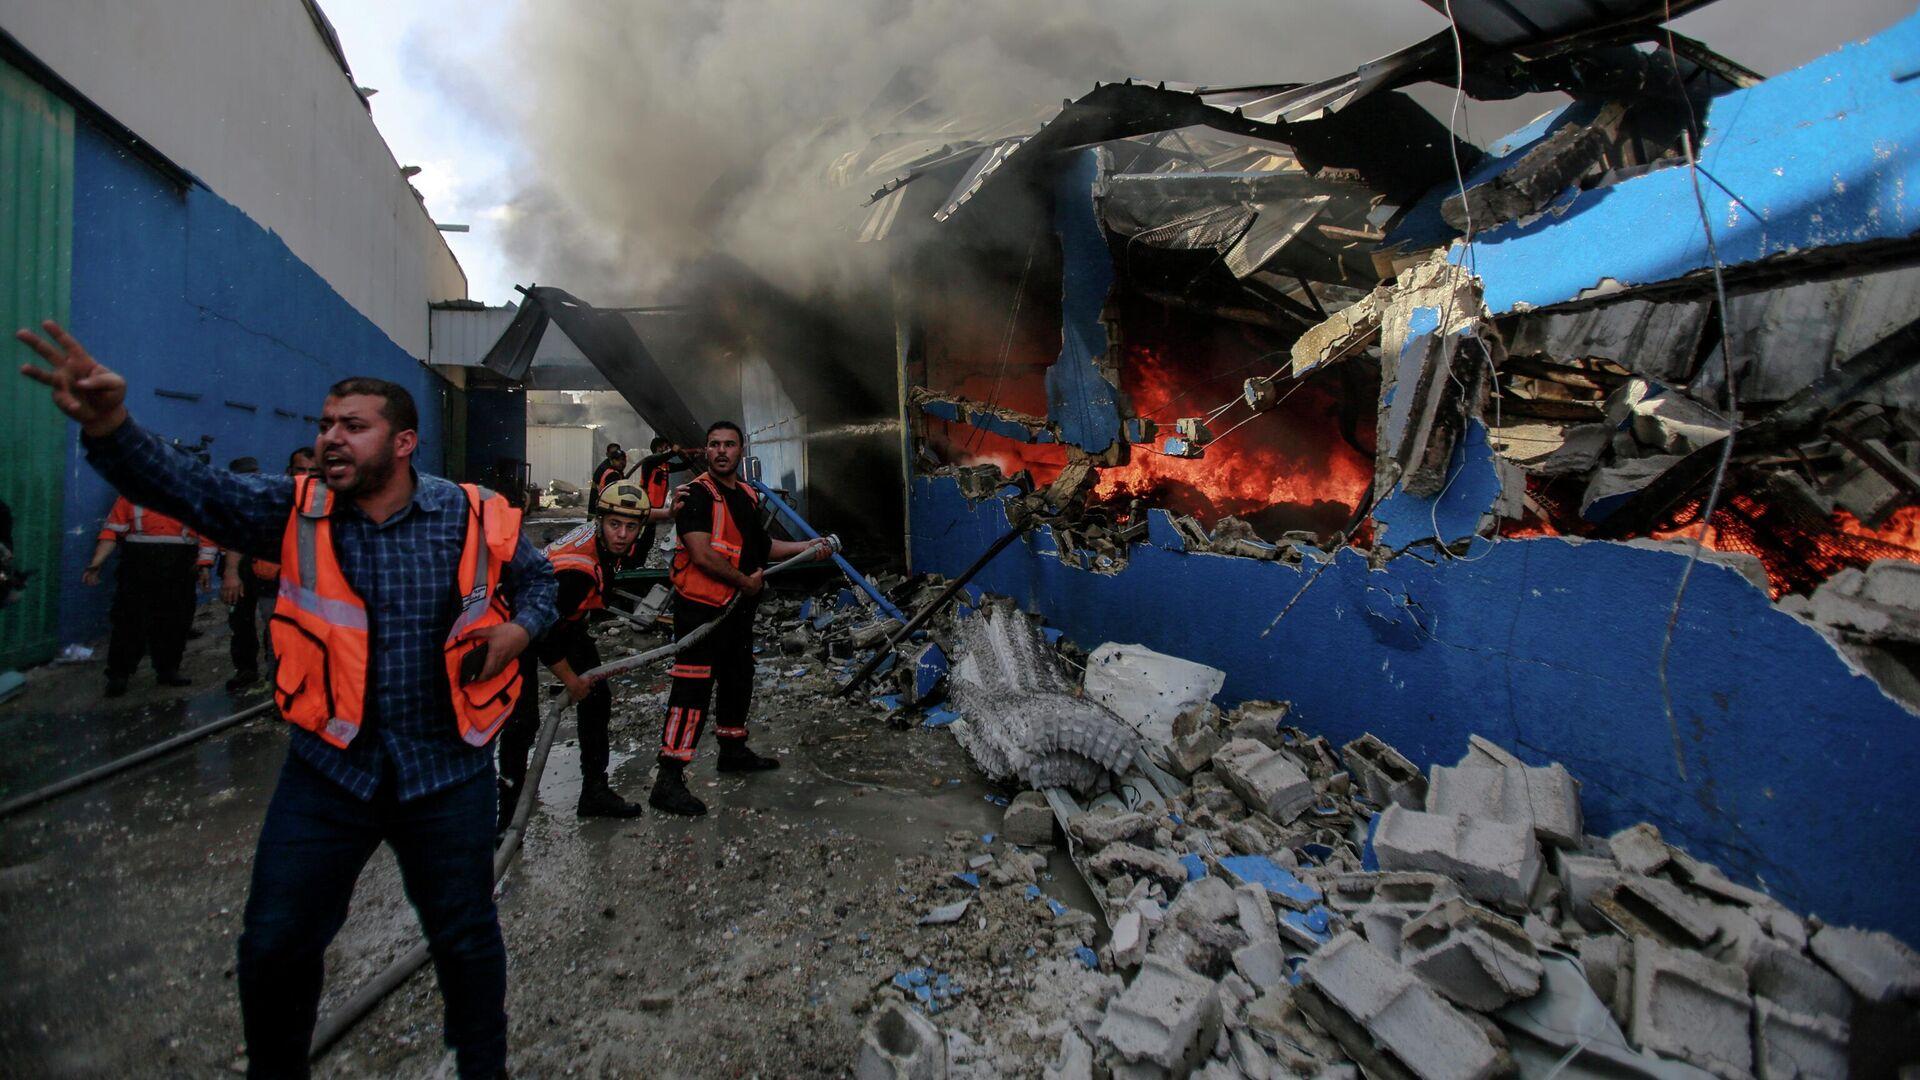 Члены Палестинской гражданской обороны тушат пожар на заводе по производству пенопласта в секторе Газа - РИА Новости, 1920, 17.05.2021